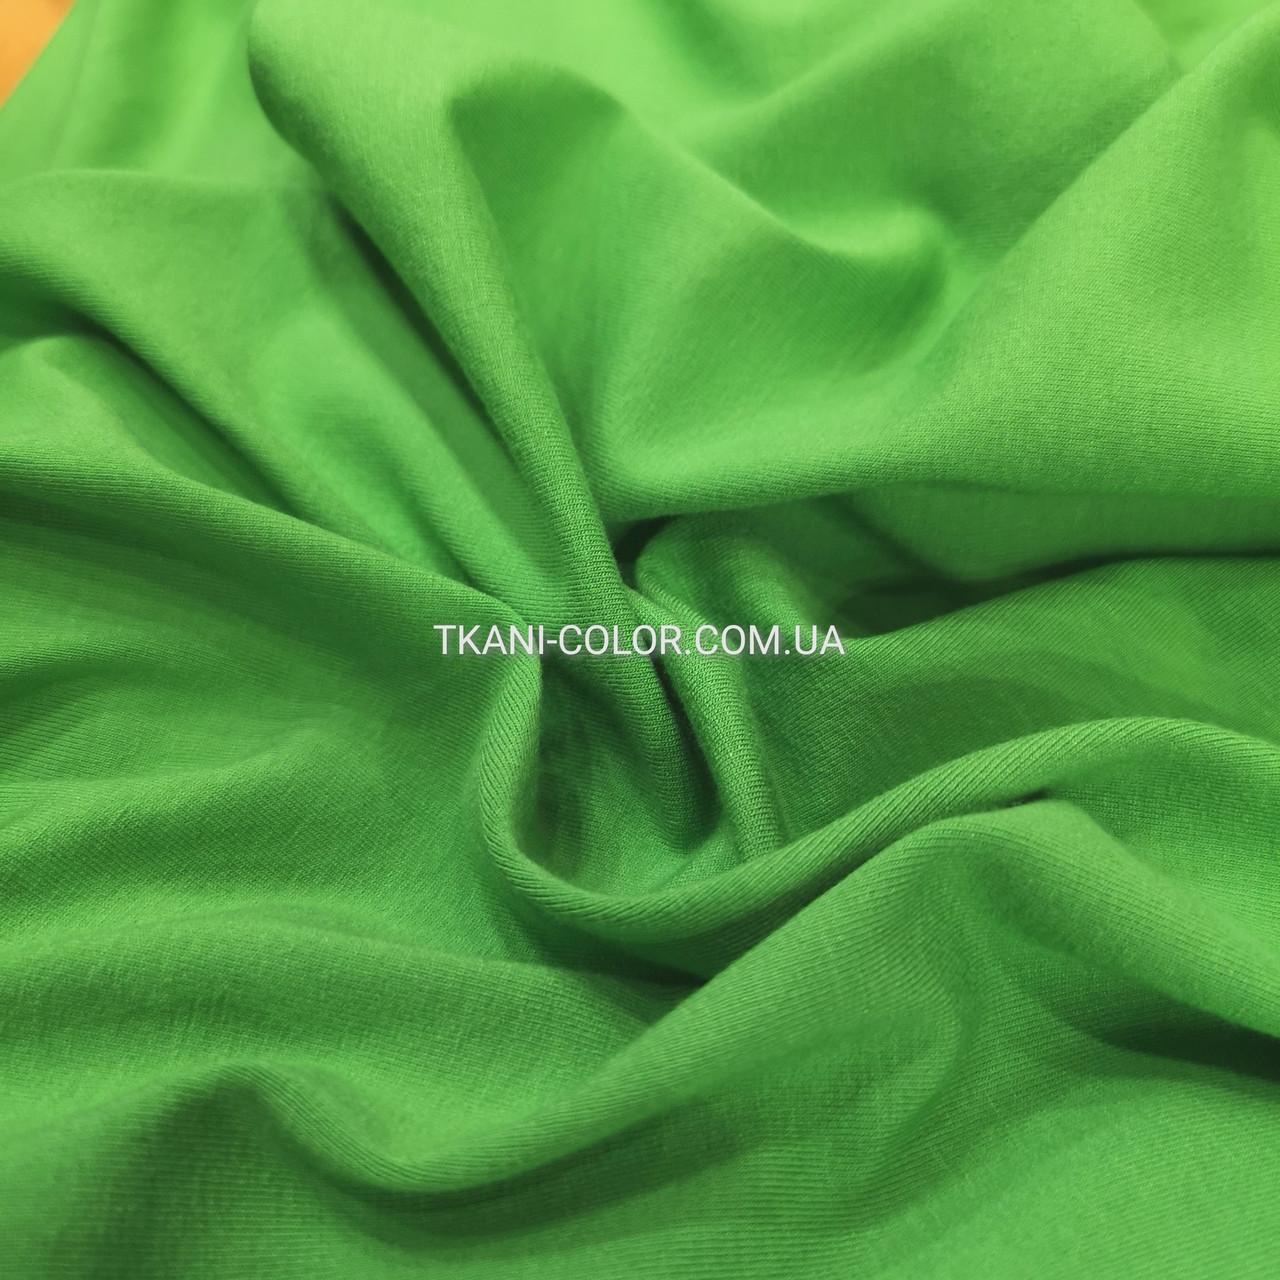 Трикотаж, віскоза зелений, 180см